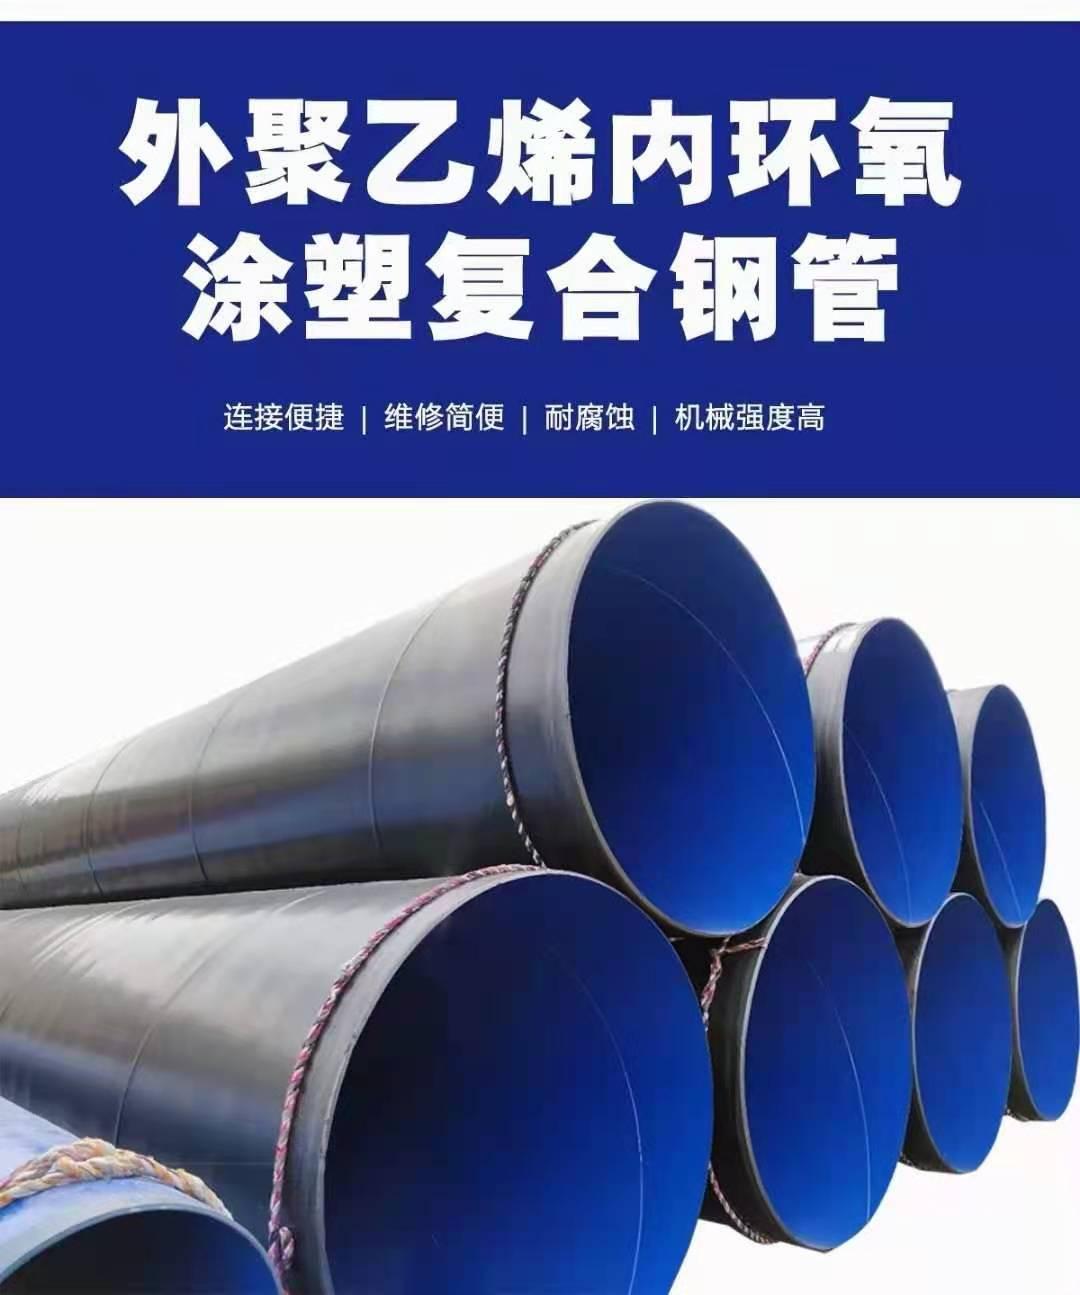 聚乙烯防腐管道 镀锌钢管厂家直销铁岭市昌图县